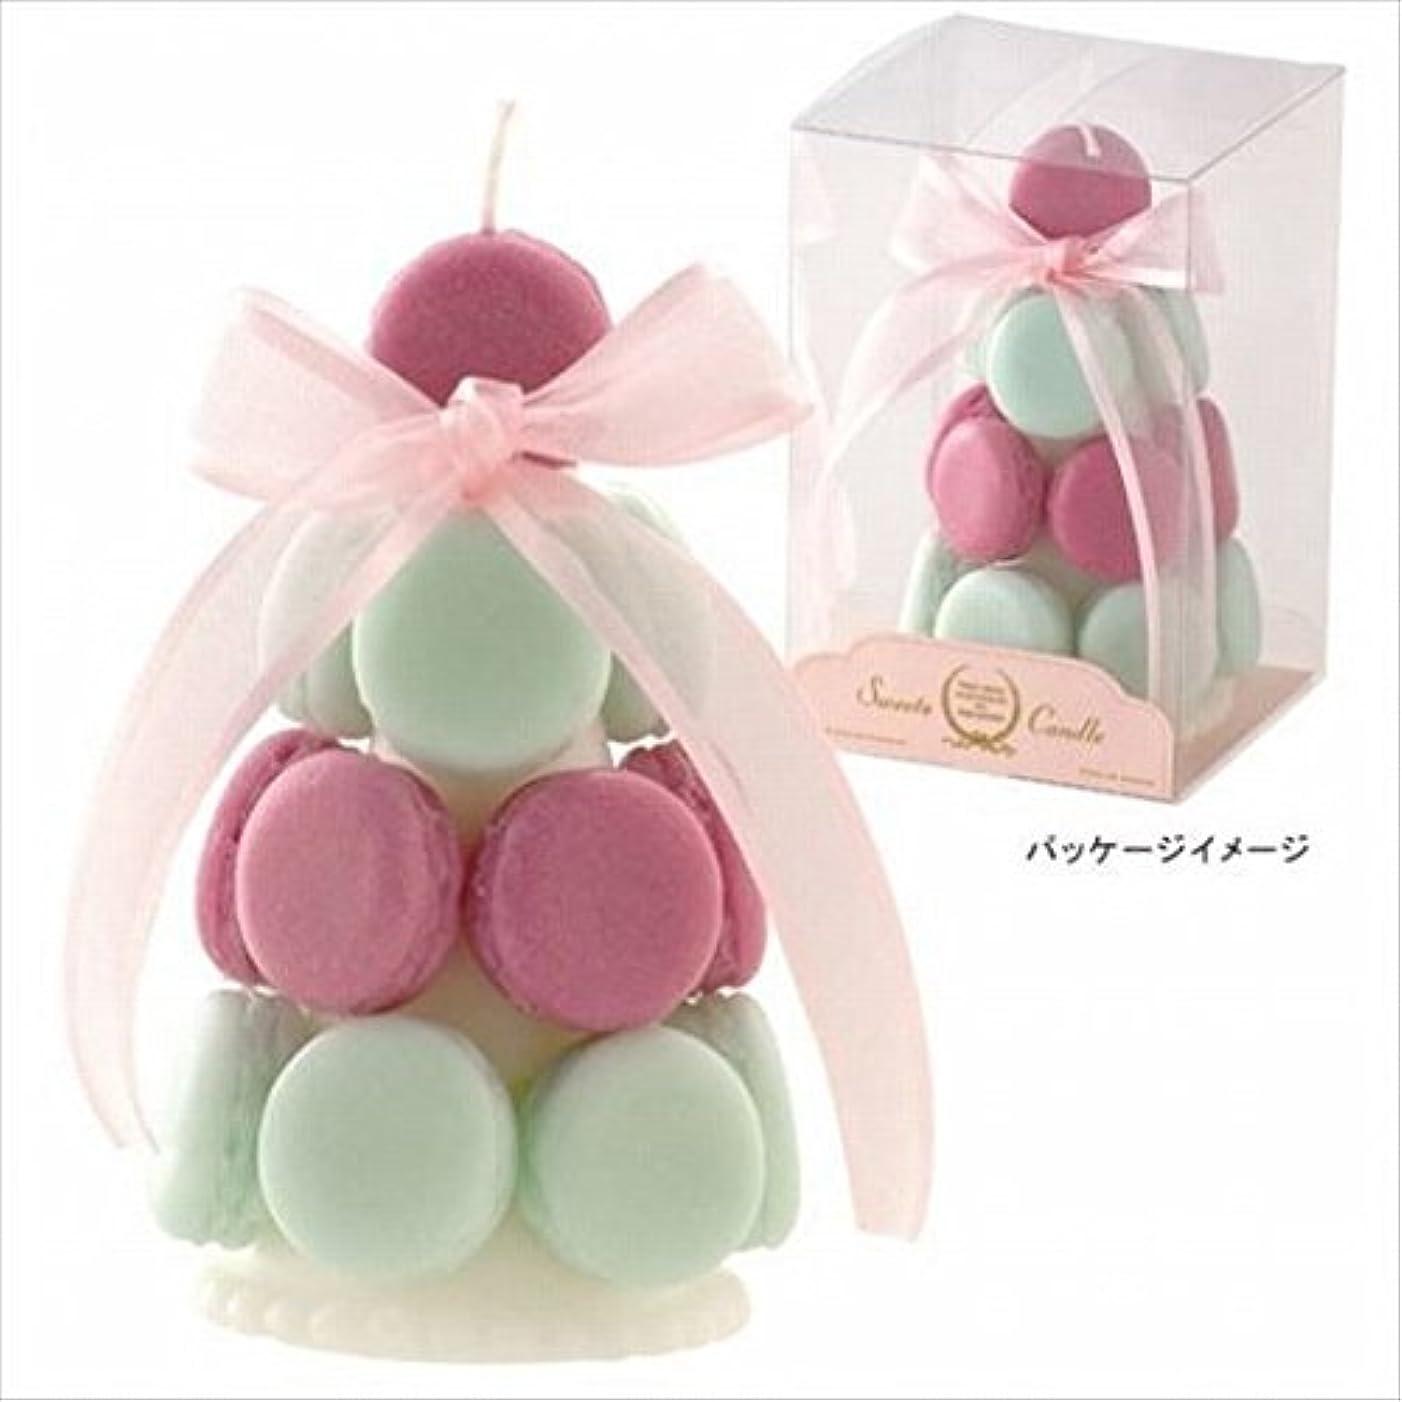 シュガー方言流出kameyama candle(カメヤマキャンドル) ハッピーマカロンタワー 「 メロングリーン 」(A4580520)